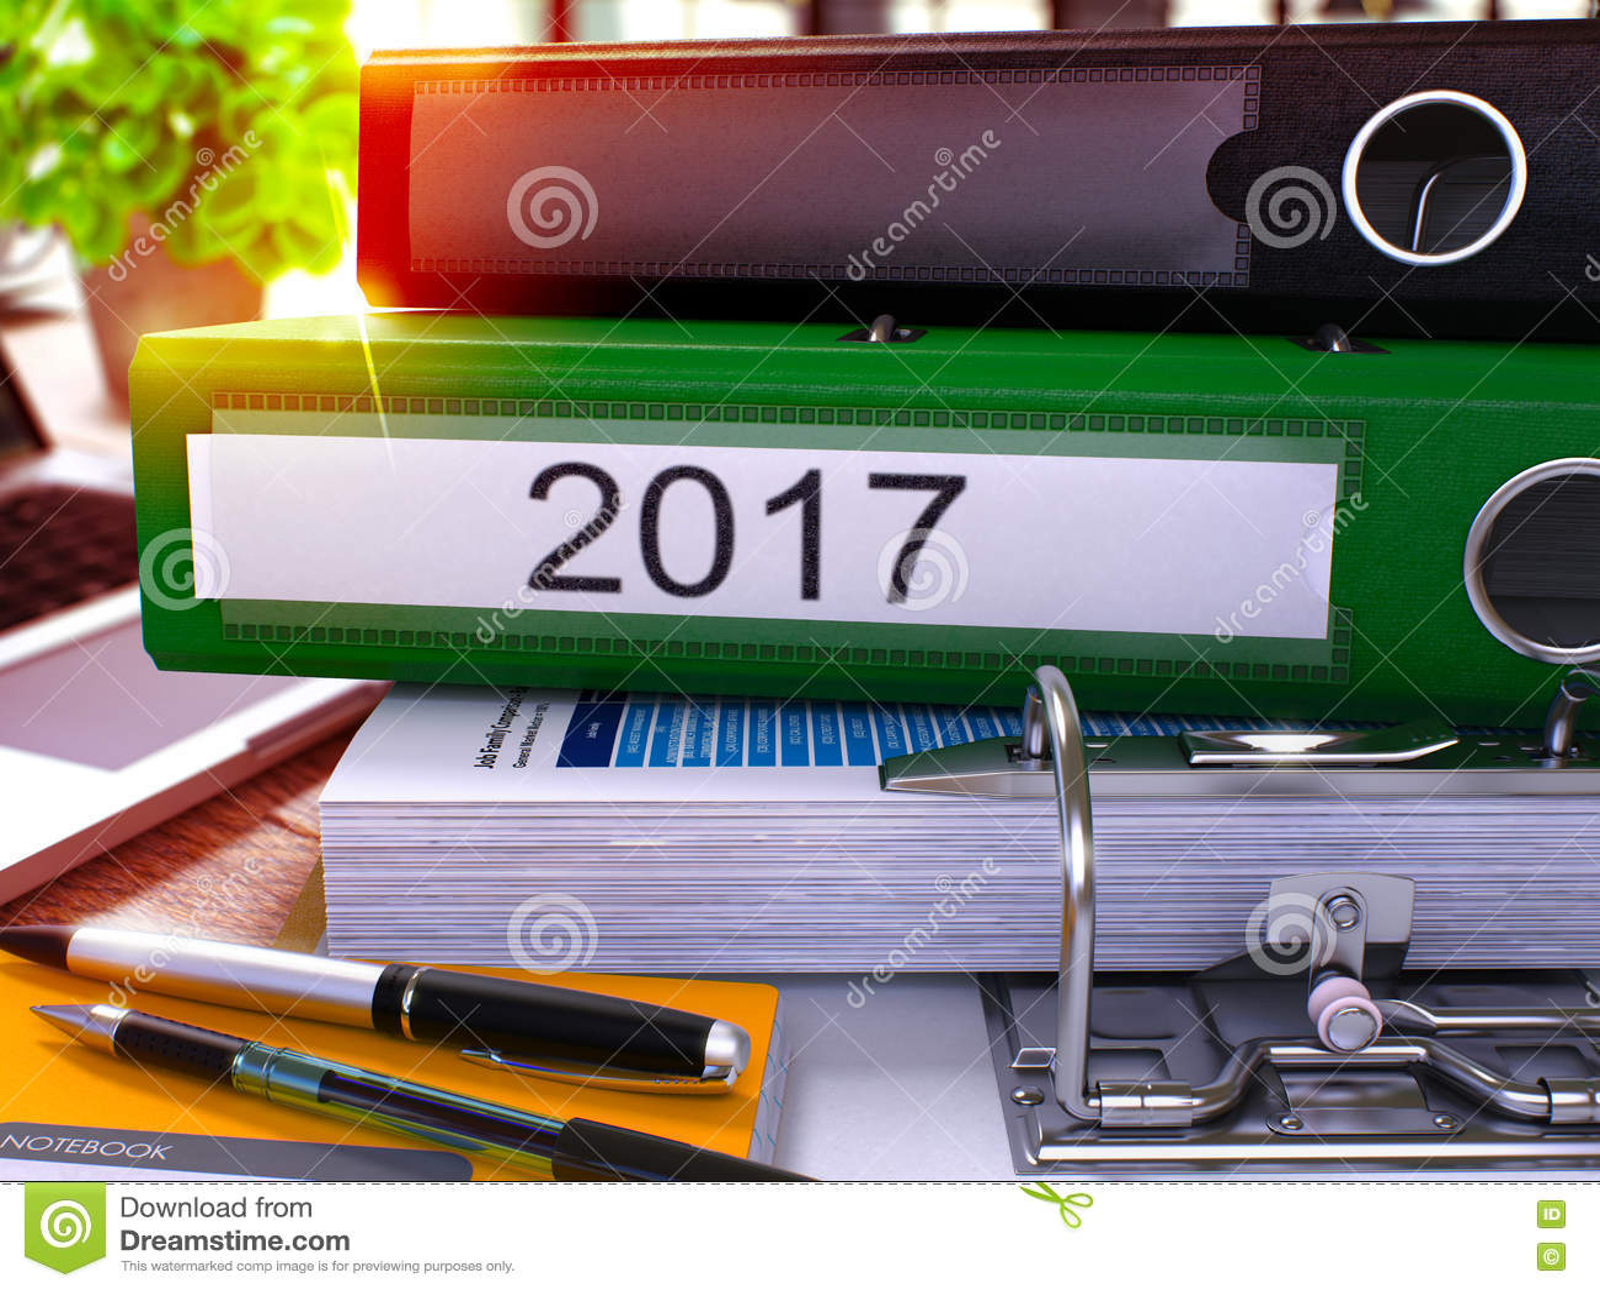 2017 στον πράσινο σύνδεσμο δαχτυλιδιών Θολωμένη, τονισμένη εικόνα τρισδιάστατος